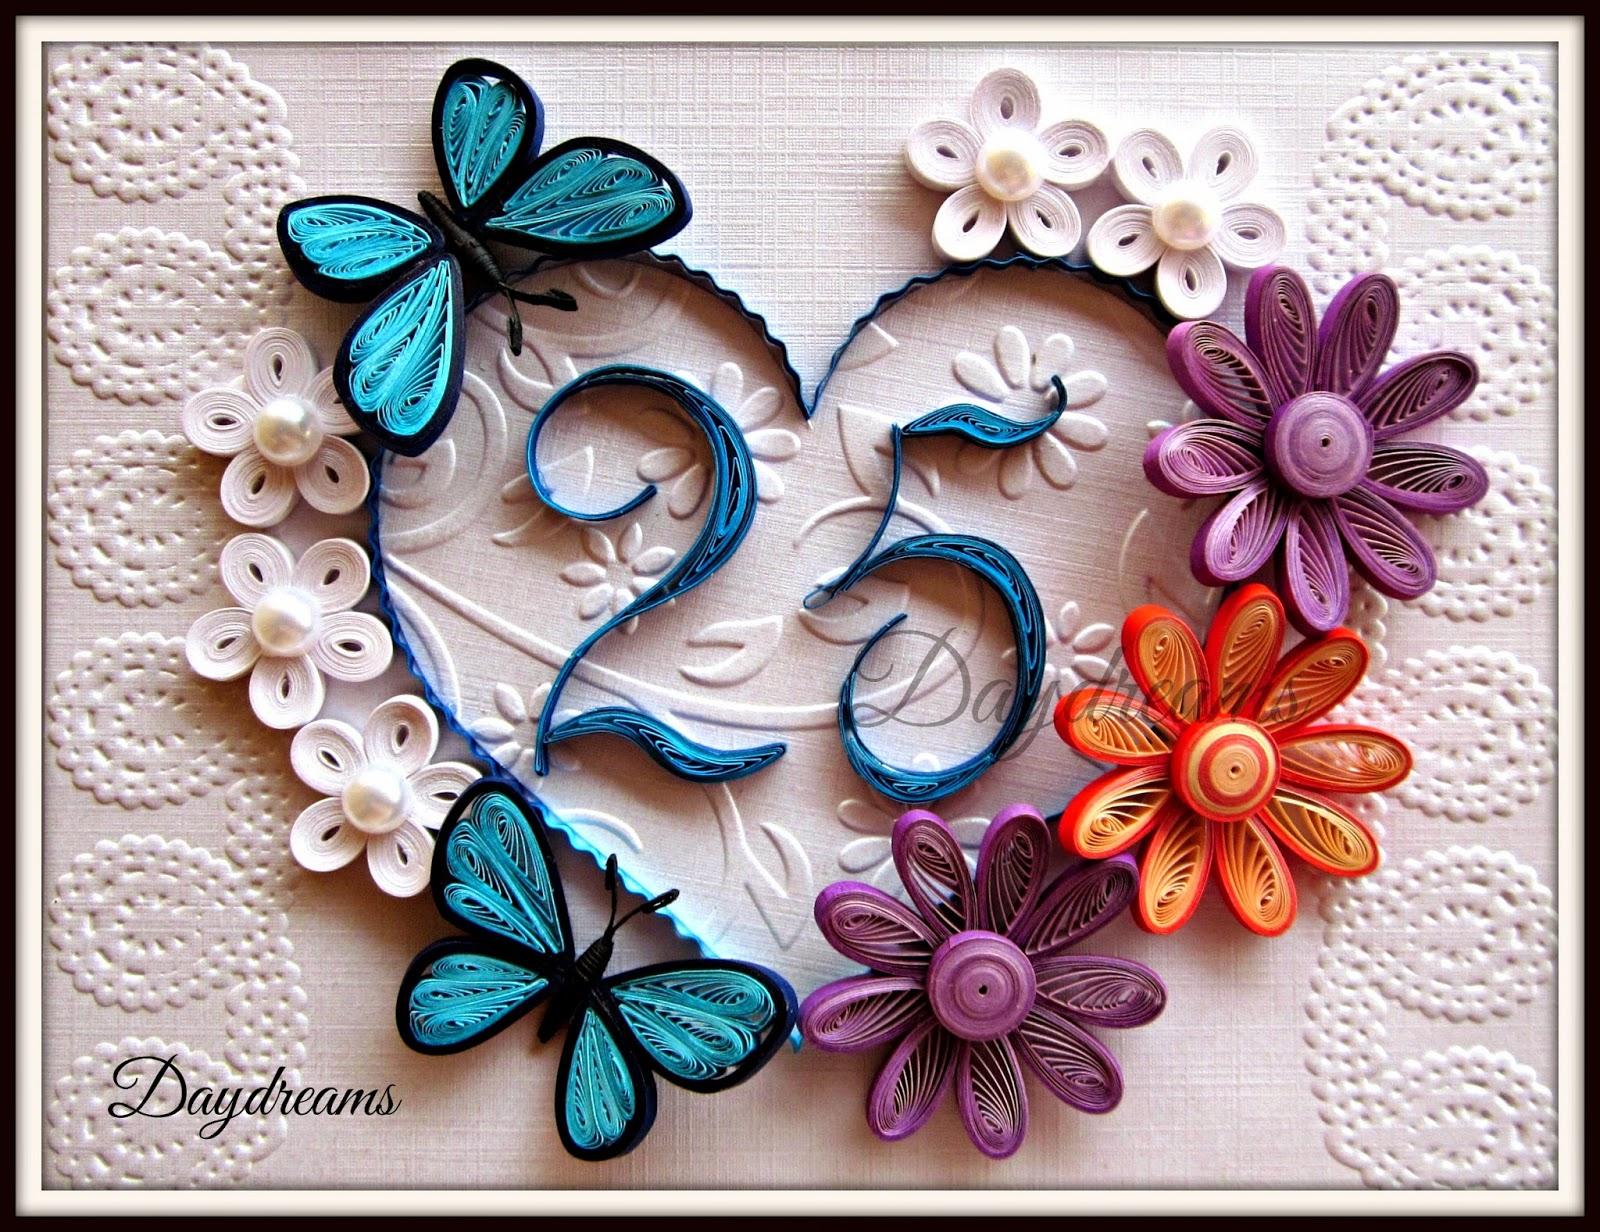 daydreams twenty fifth wedding anniversary quilled card